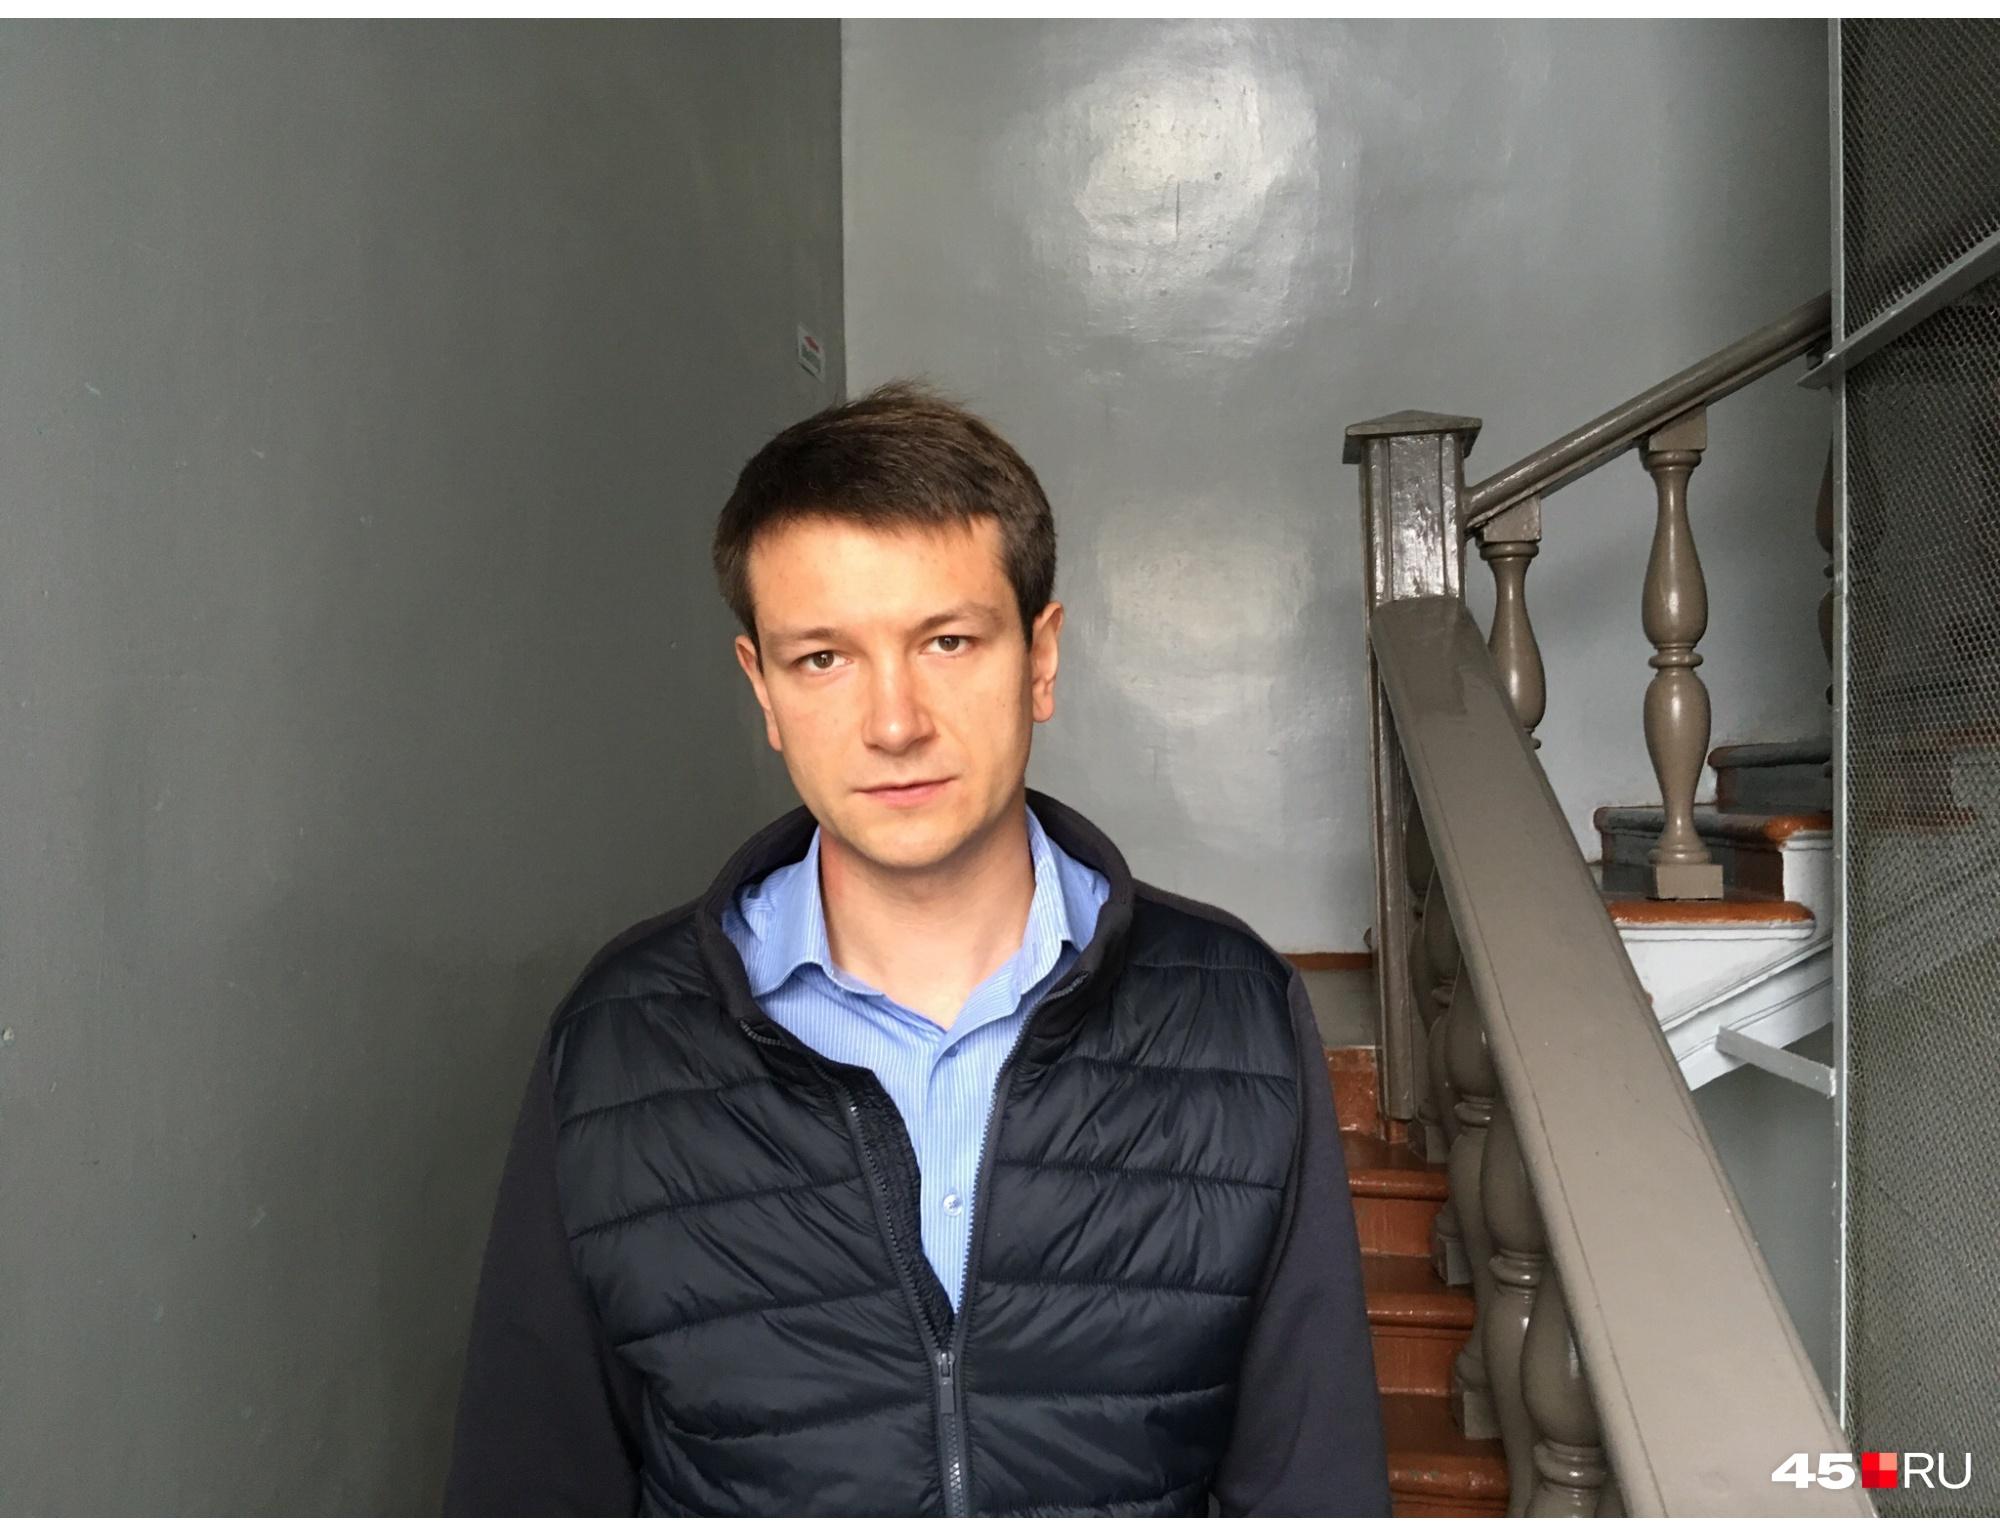 Олег Прозоровпредставляет 11-й избирательный округ